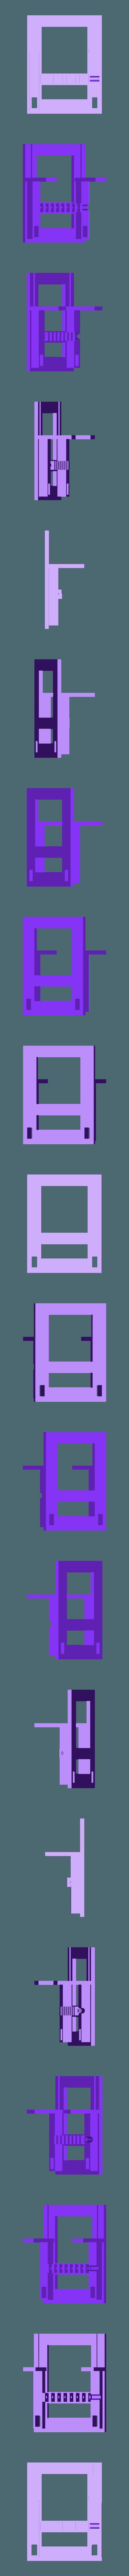 Base.stl Download free STL file Four Whistles • 3D print object, gzumwalt